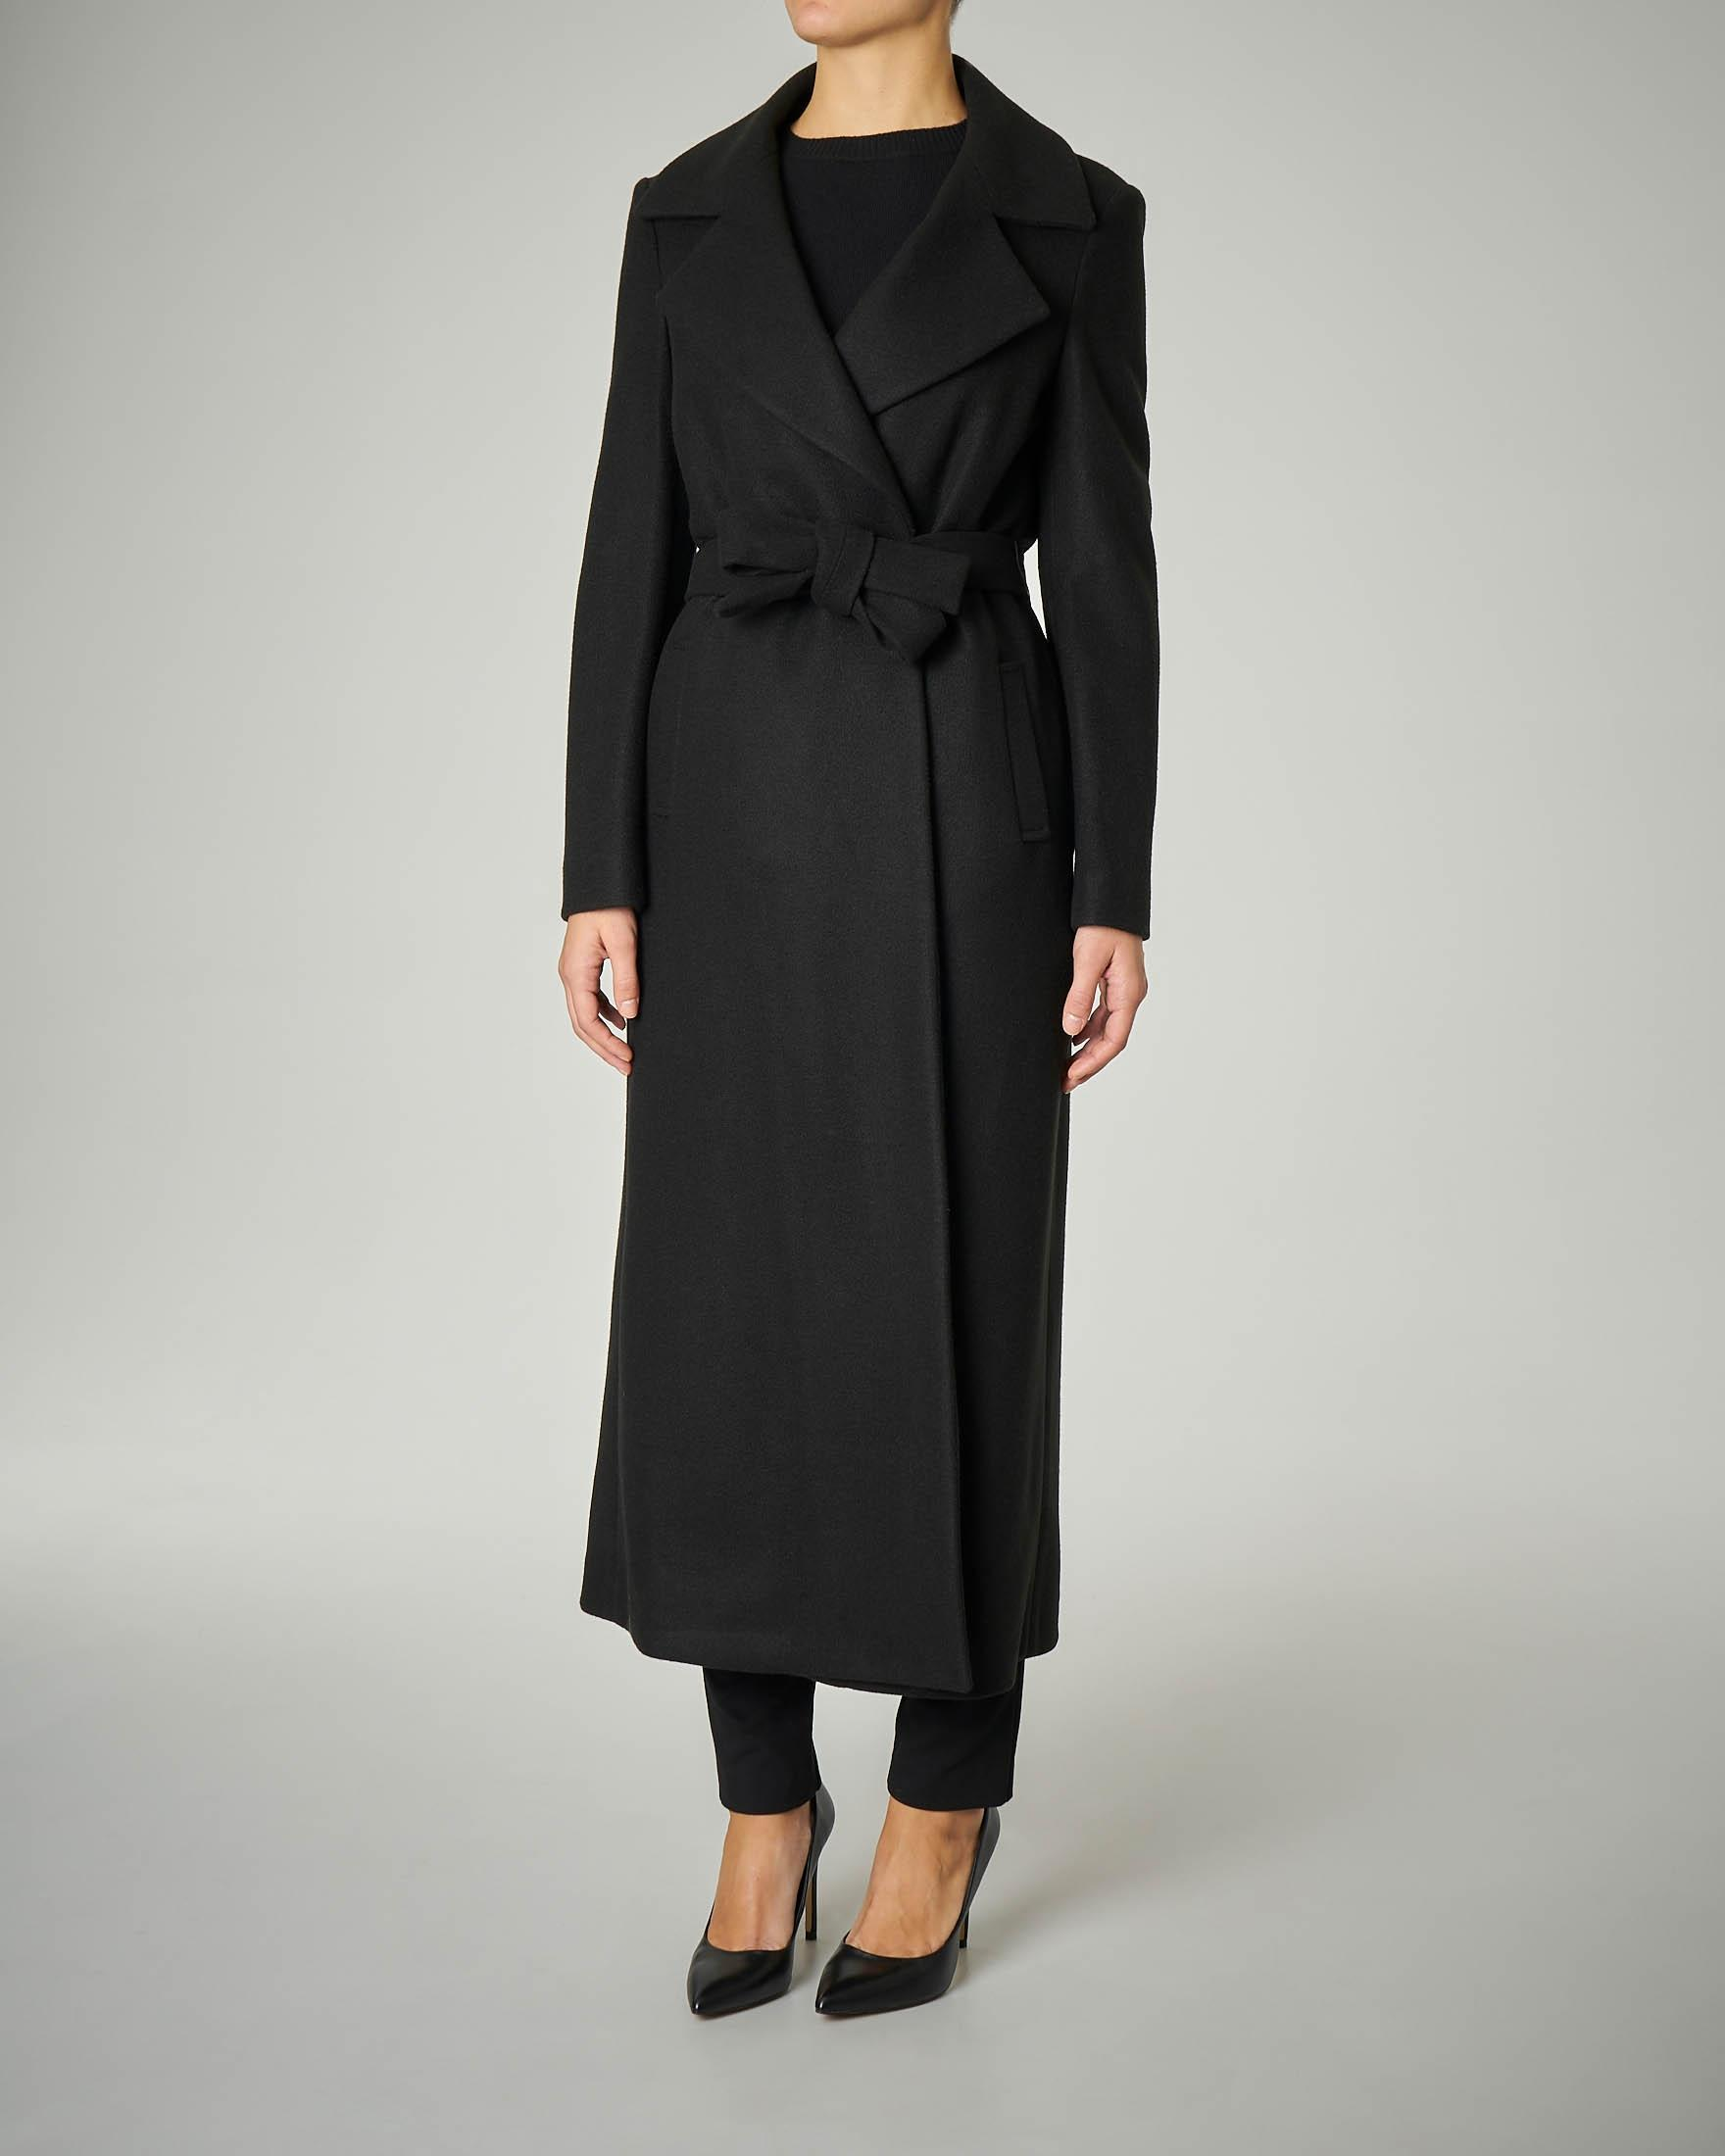 Cappotto lungo nero modello a vestaglia